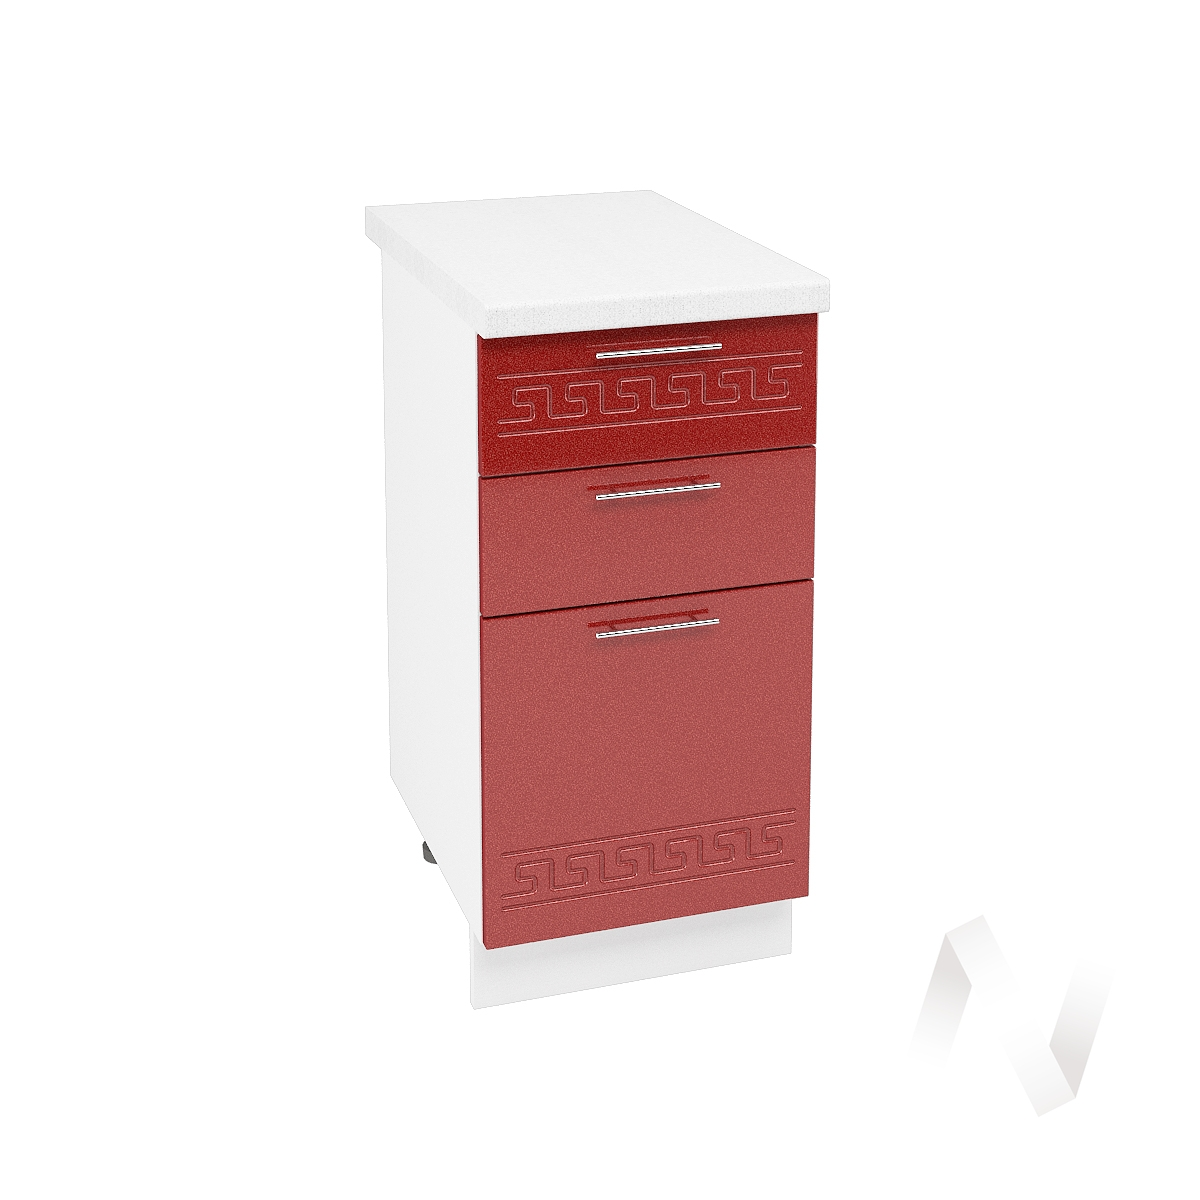 """Кухня """"Греция"""": Шкаф нижний с 3-мя ящиками 400, ШН3Я 400 (гранатовый металлик/корпус белый)"""